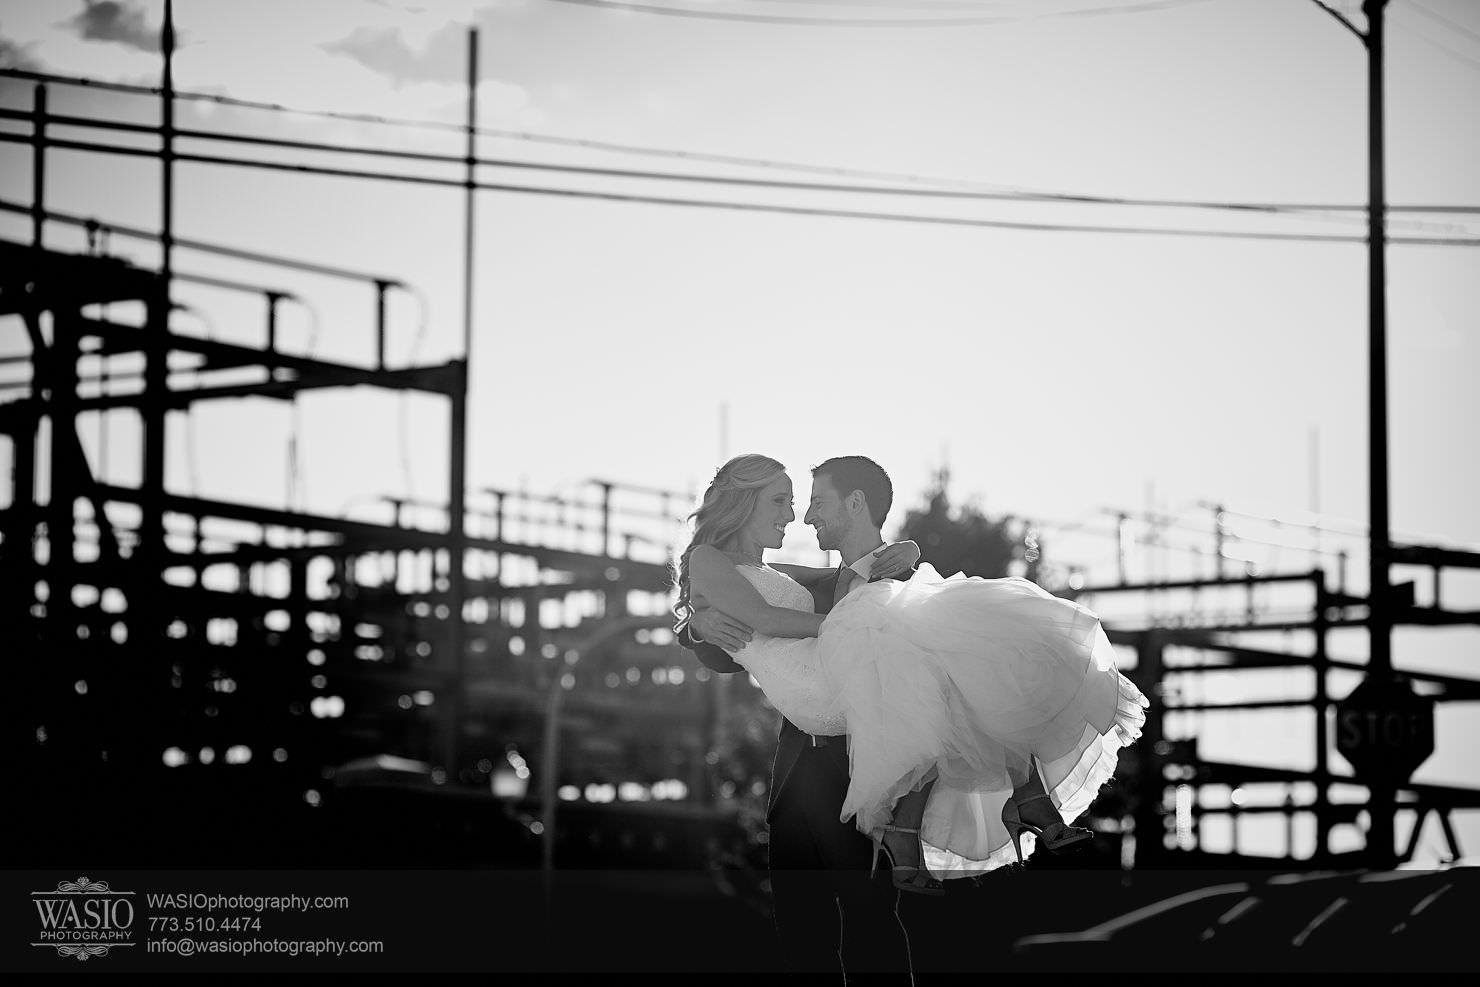 13_Chicago-Gallery-Wedding_0O3A8513 Chicago Gallery Wedding - Courtney + Danny